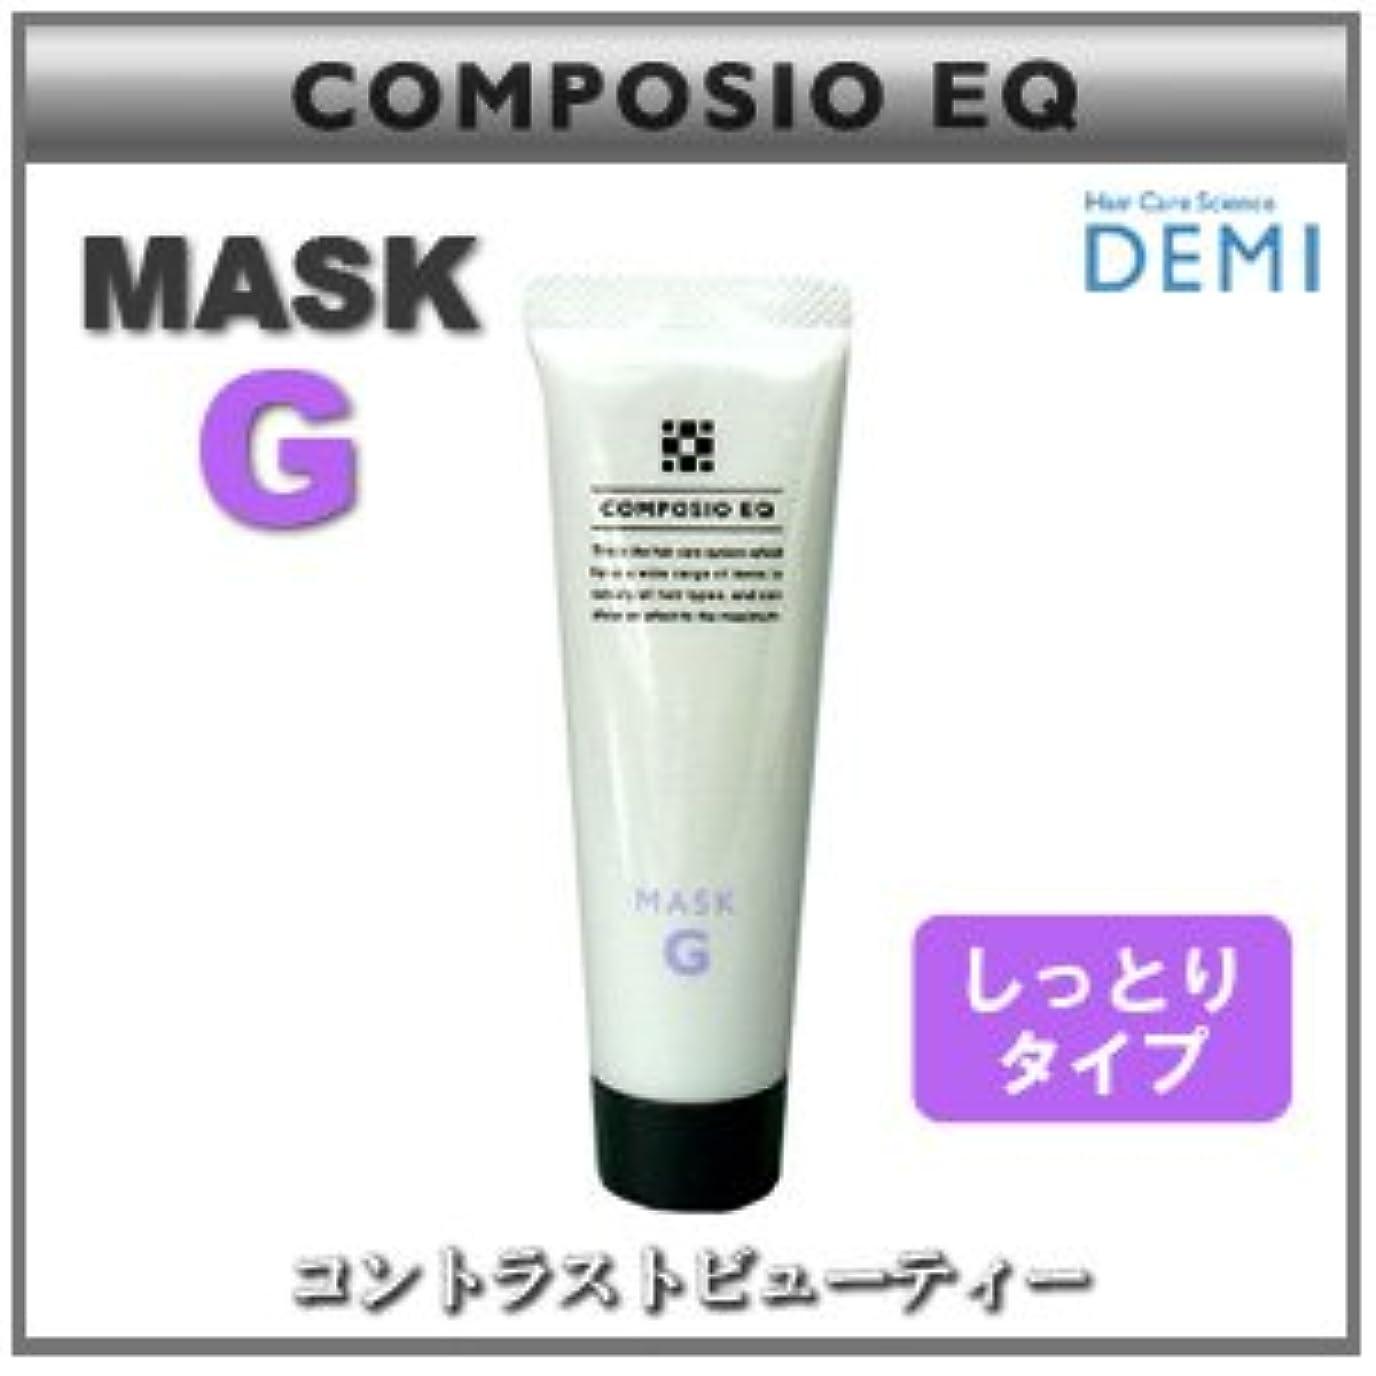 社会科聴覚掃く【X5個セット】 デミ コンポジオ EQ マスク G 50g